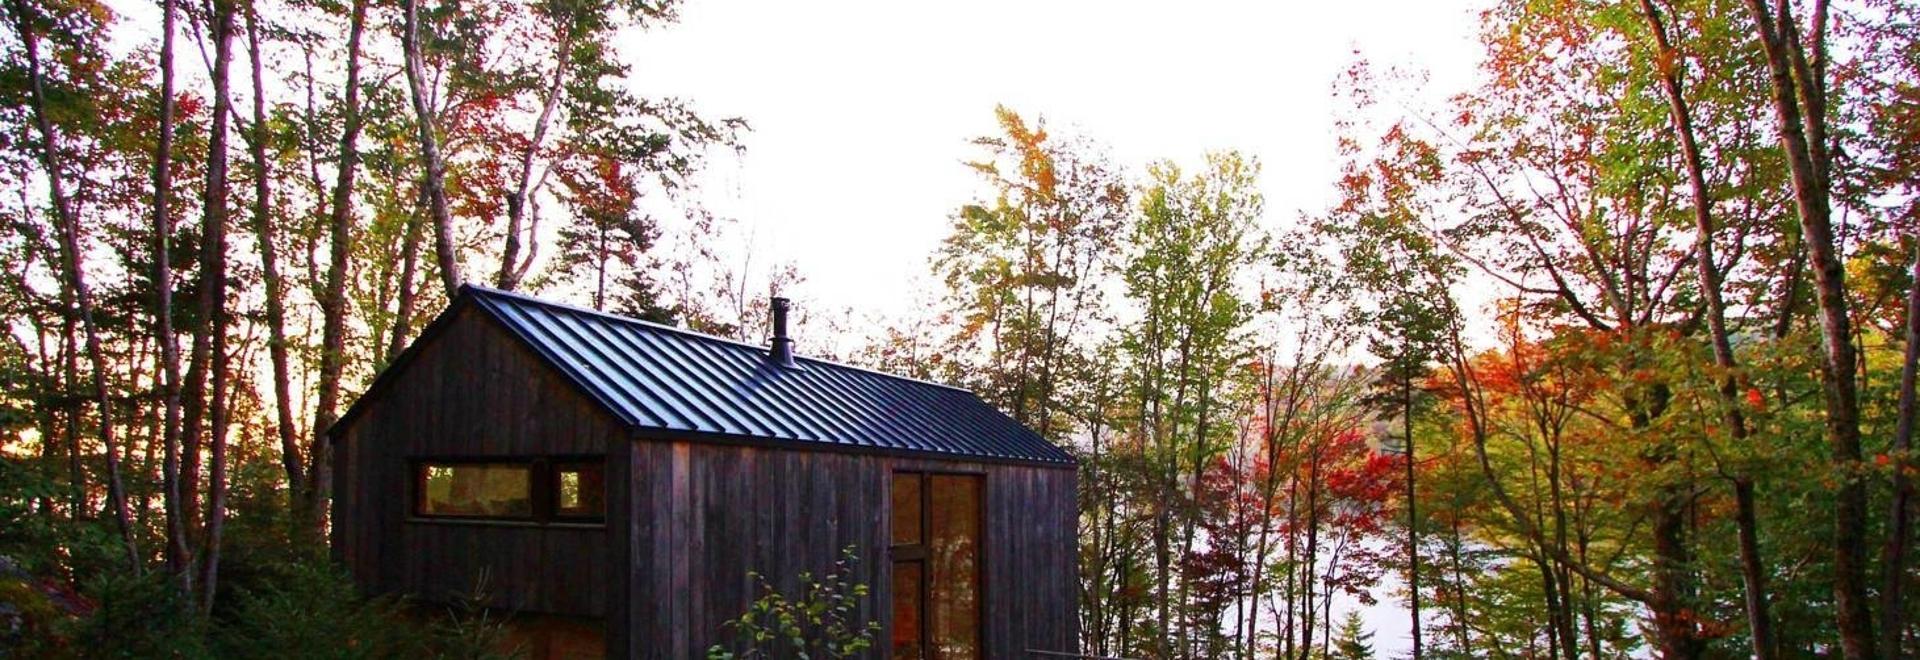 Cabane isolée sur le lac / Atelier Stonorov